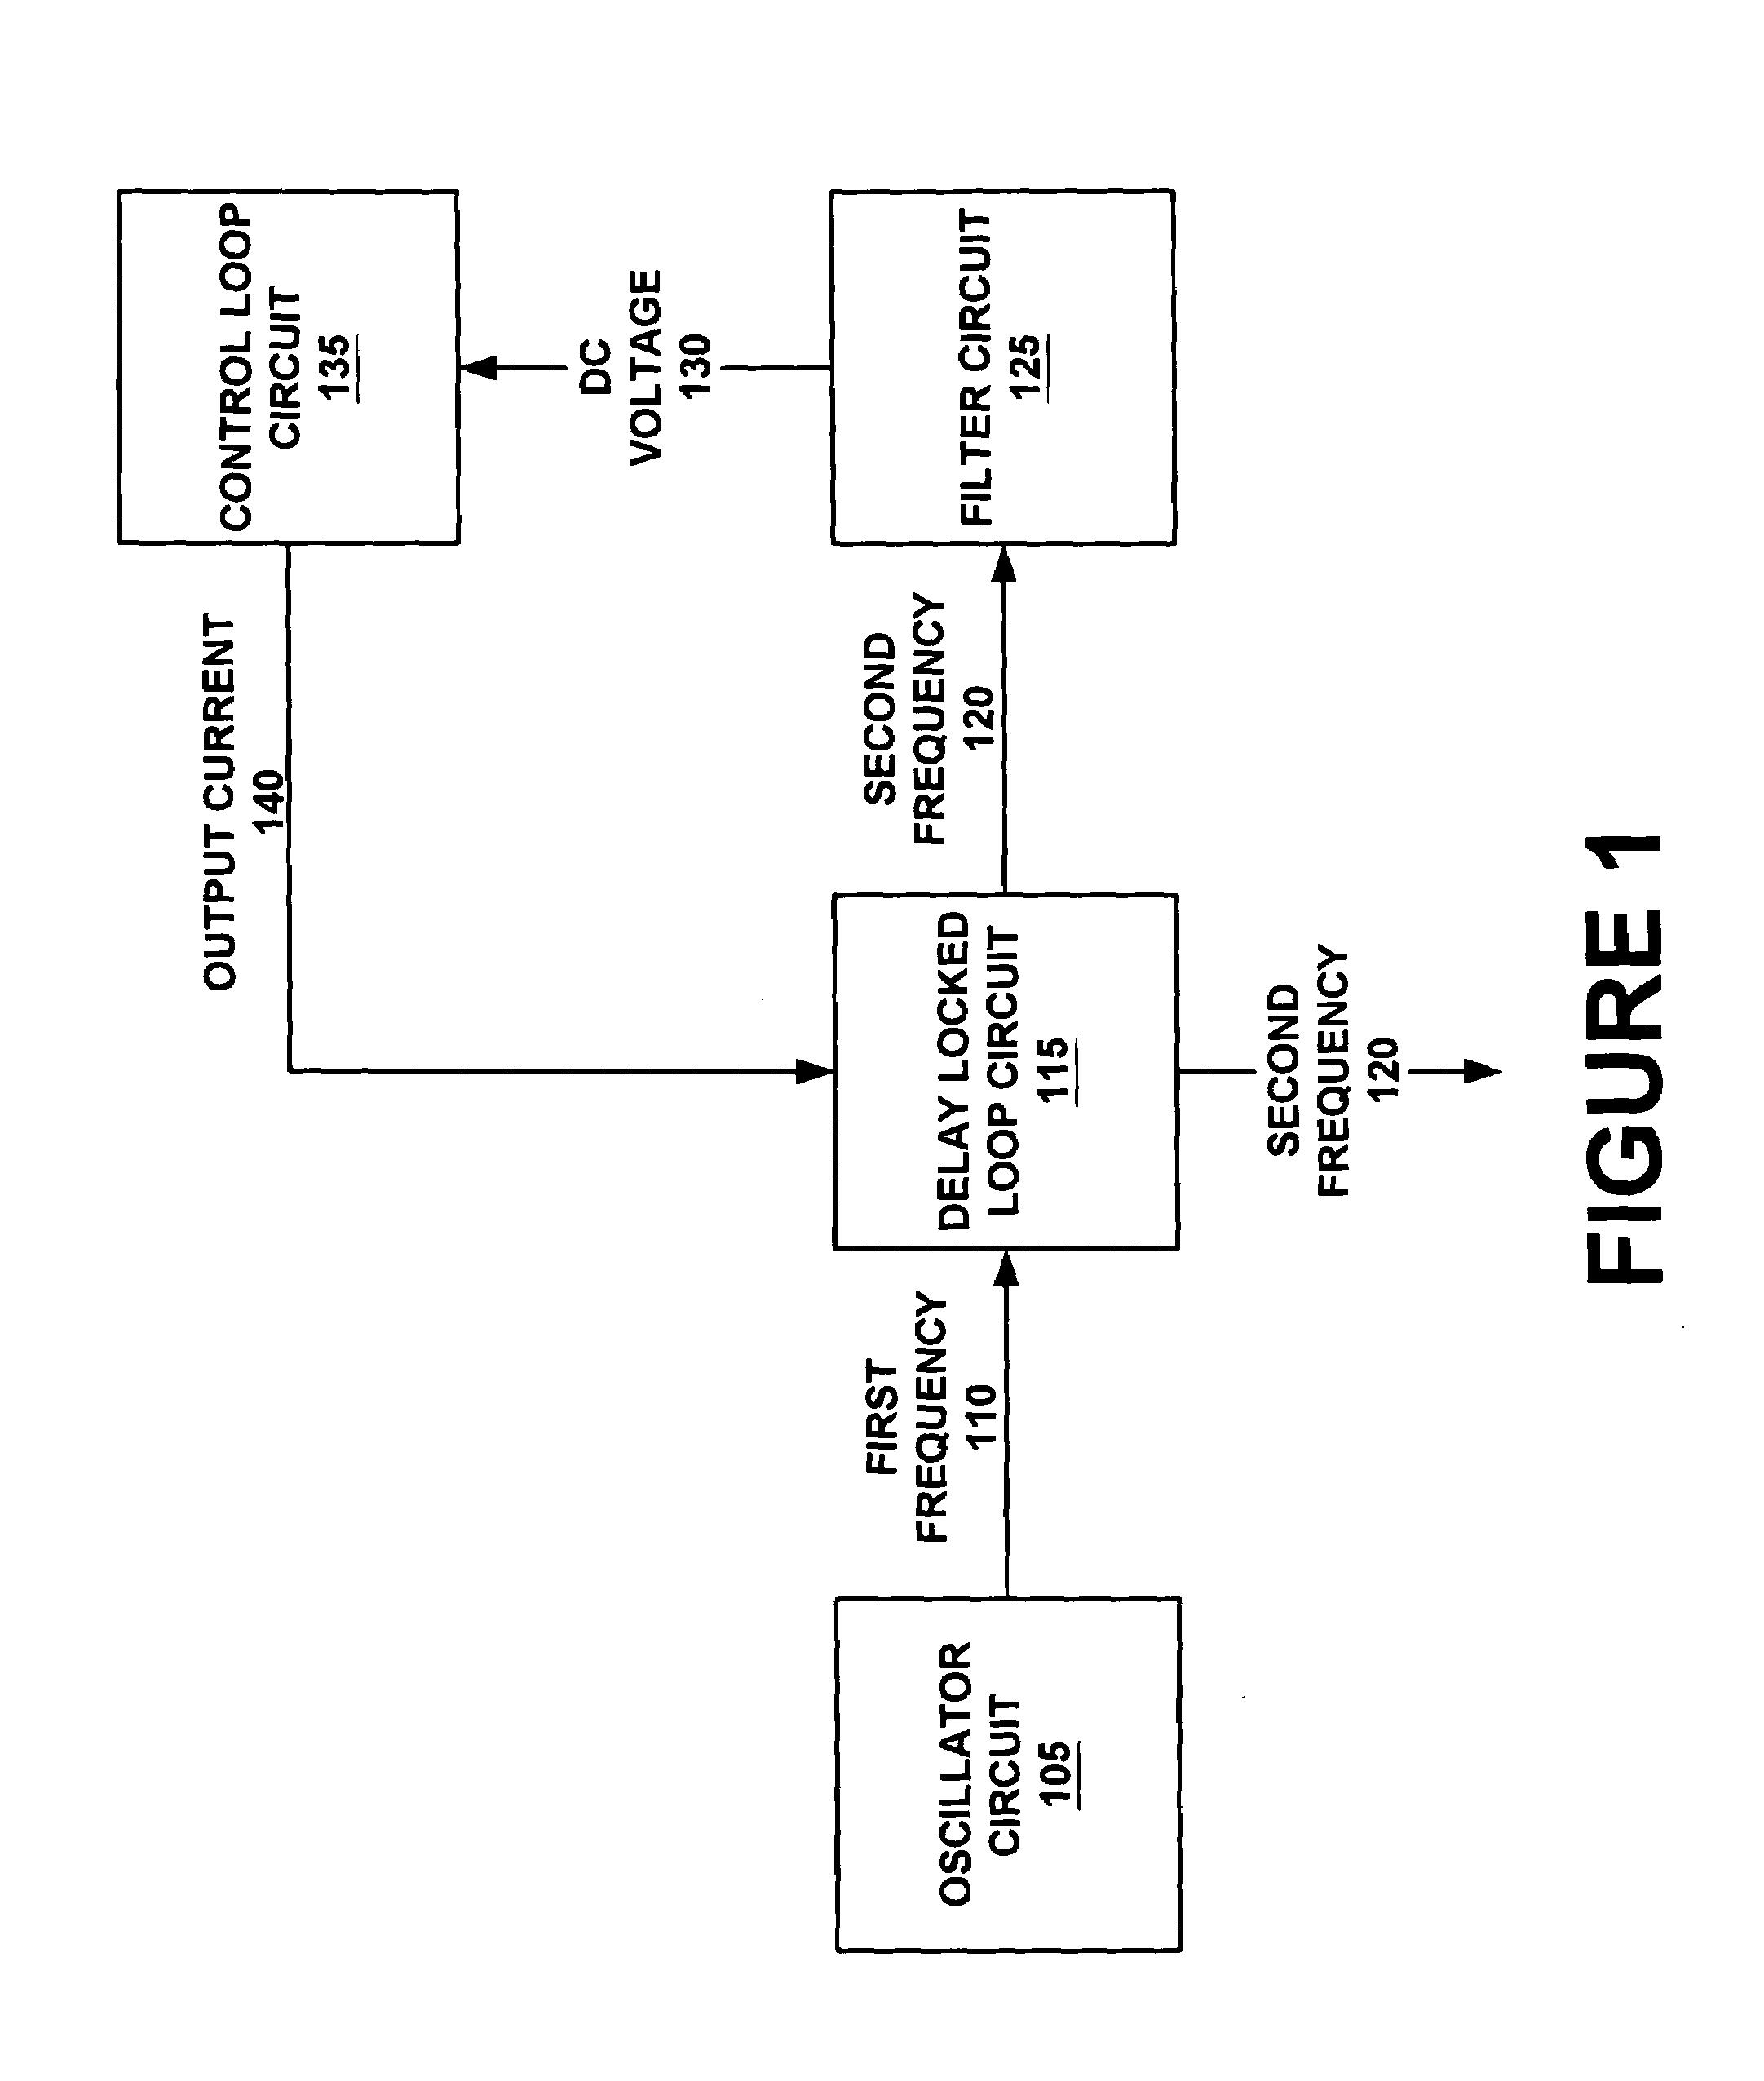 patent us7180342